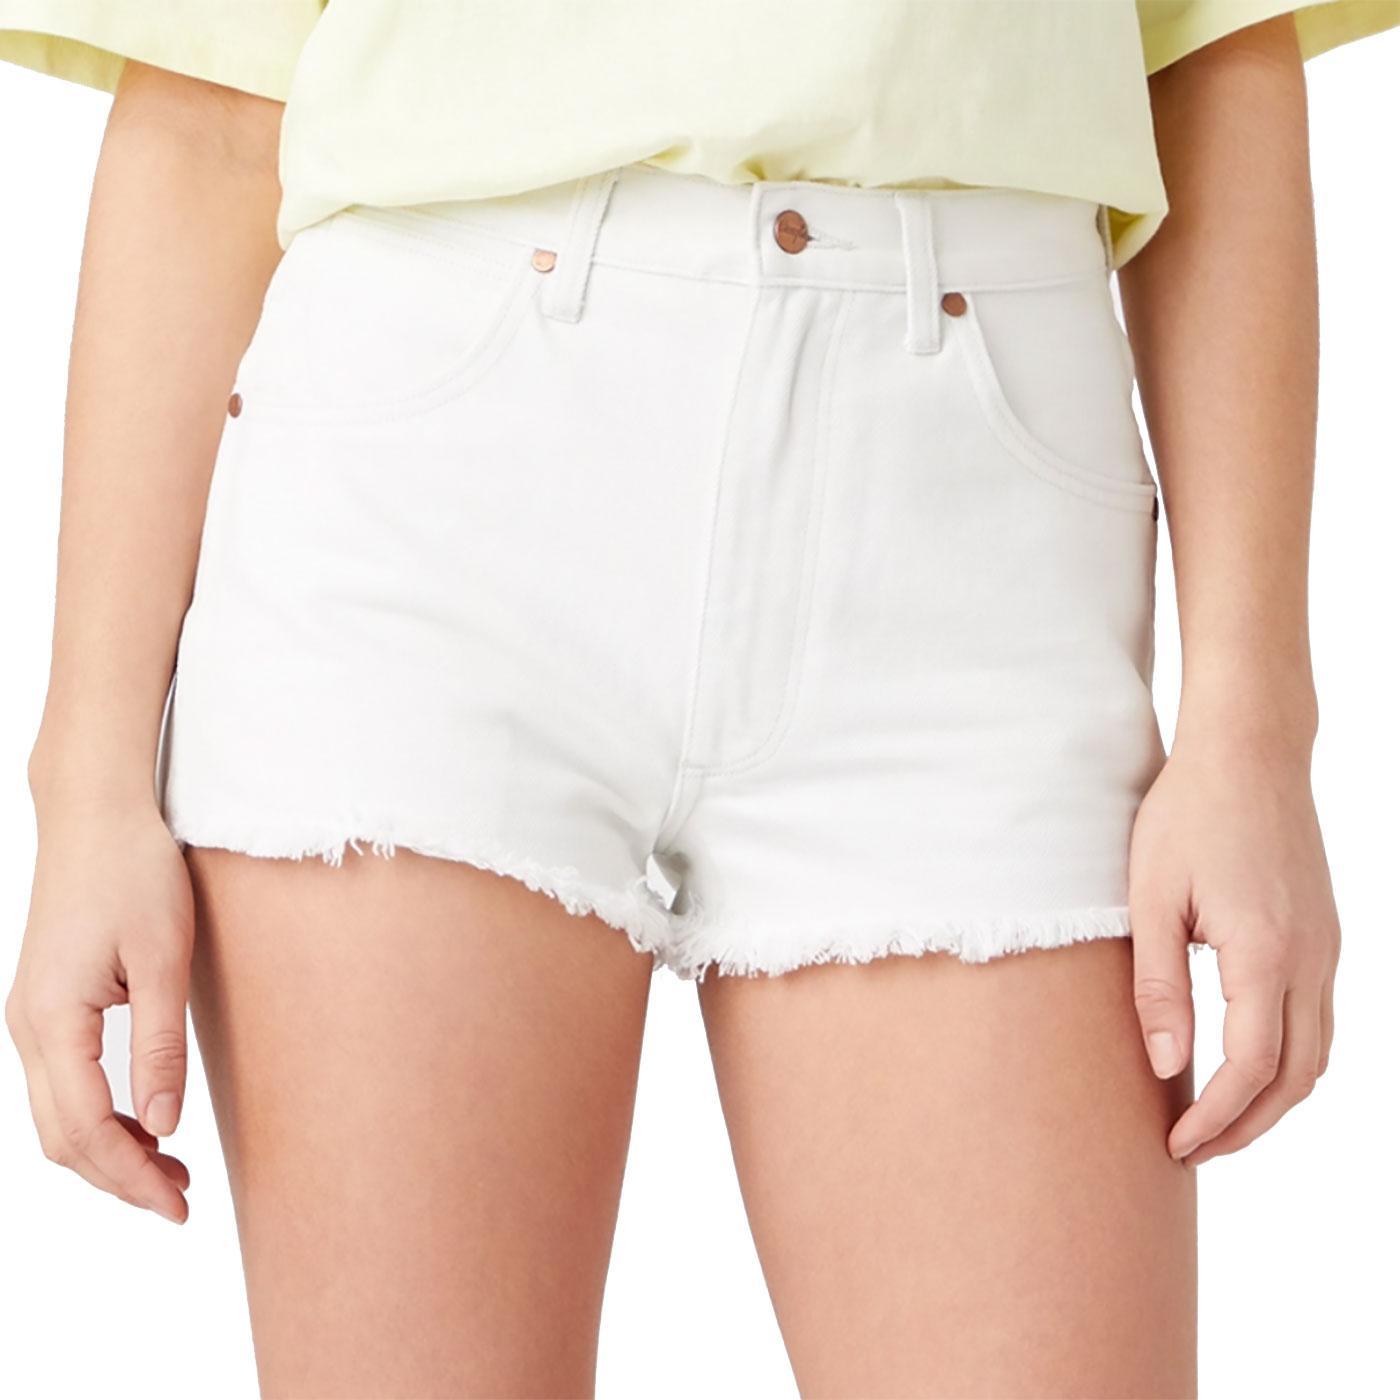 Festival WRANGLER Womens Denim Shorts - White Sand